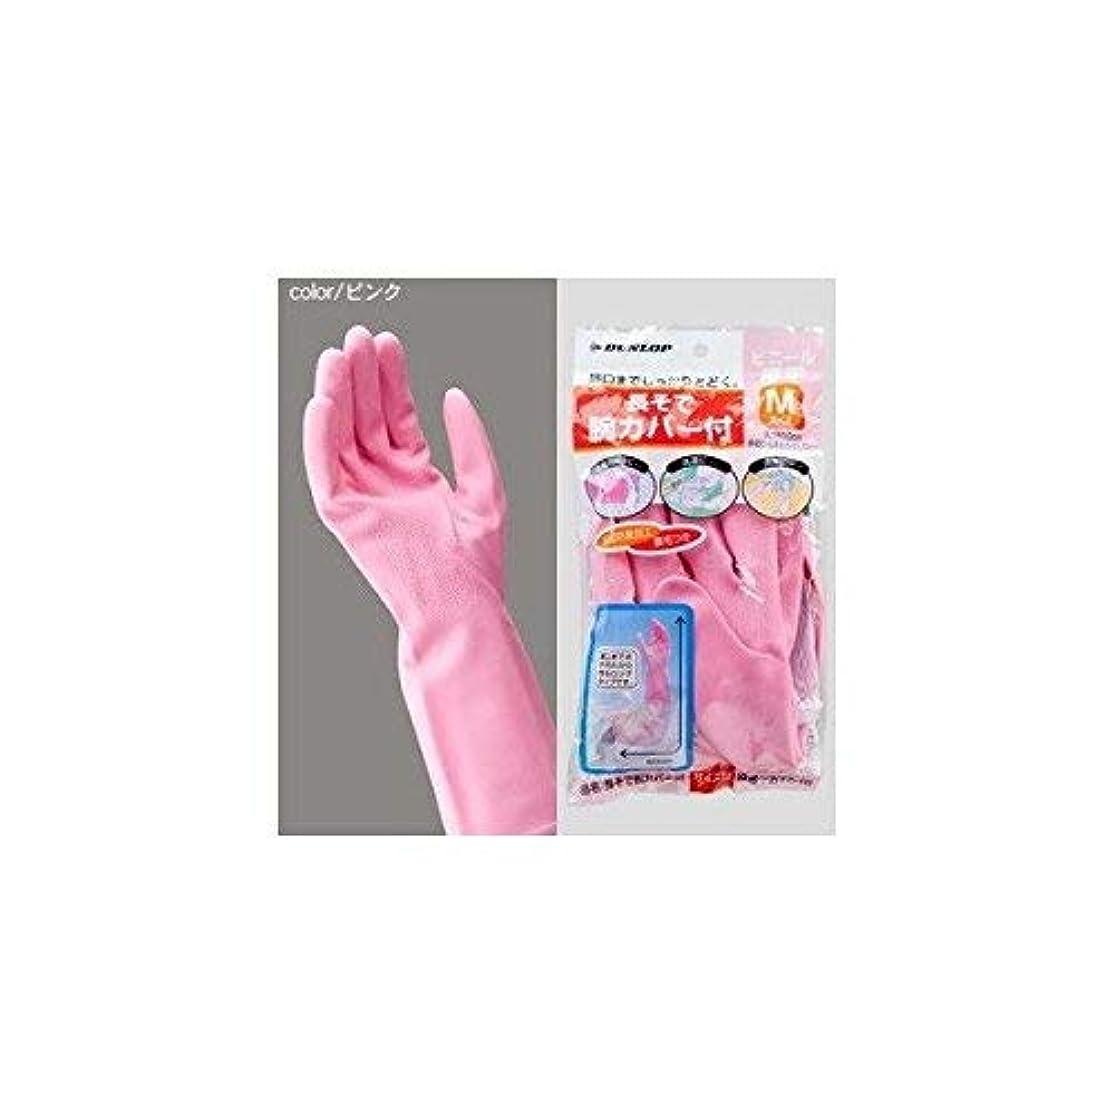 無一文避難虚弱ダンロップ ビニール手袋 厚手腕カバー付 M ピンク ×30個